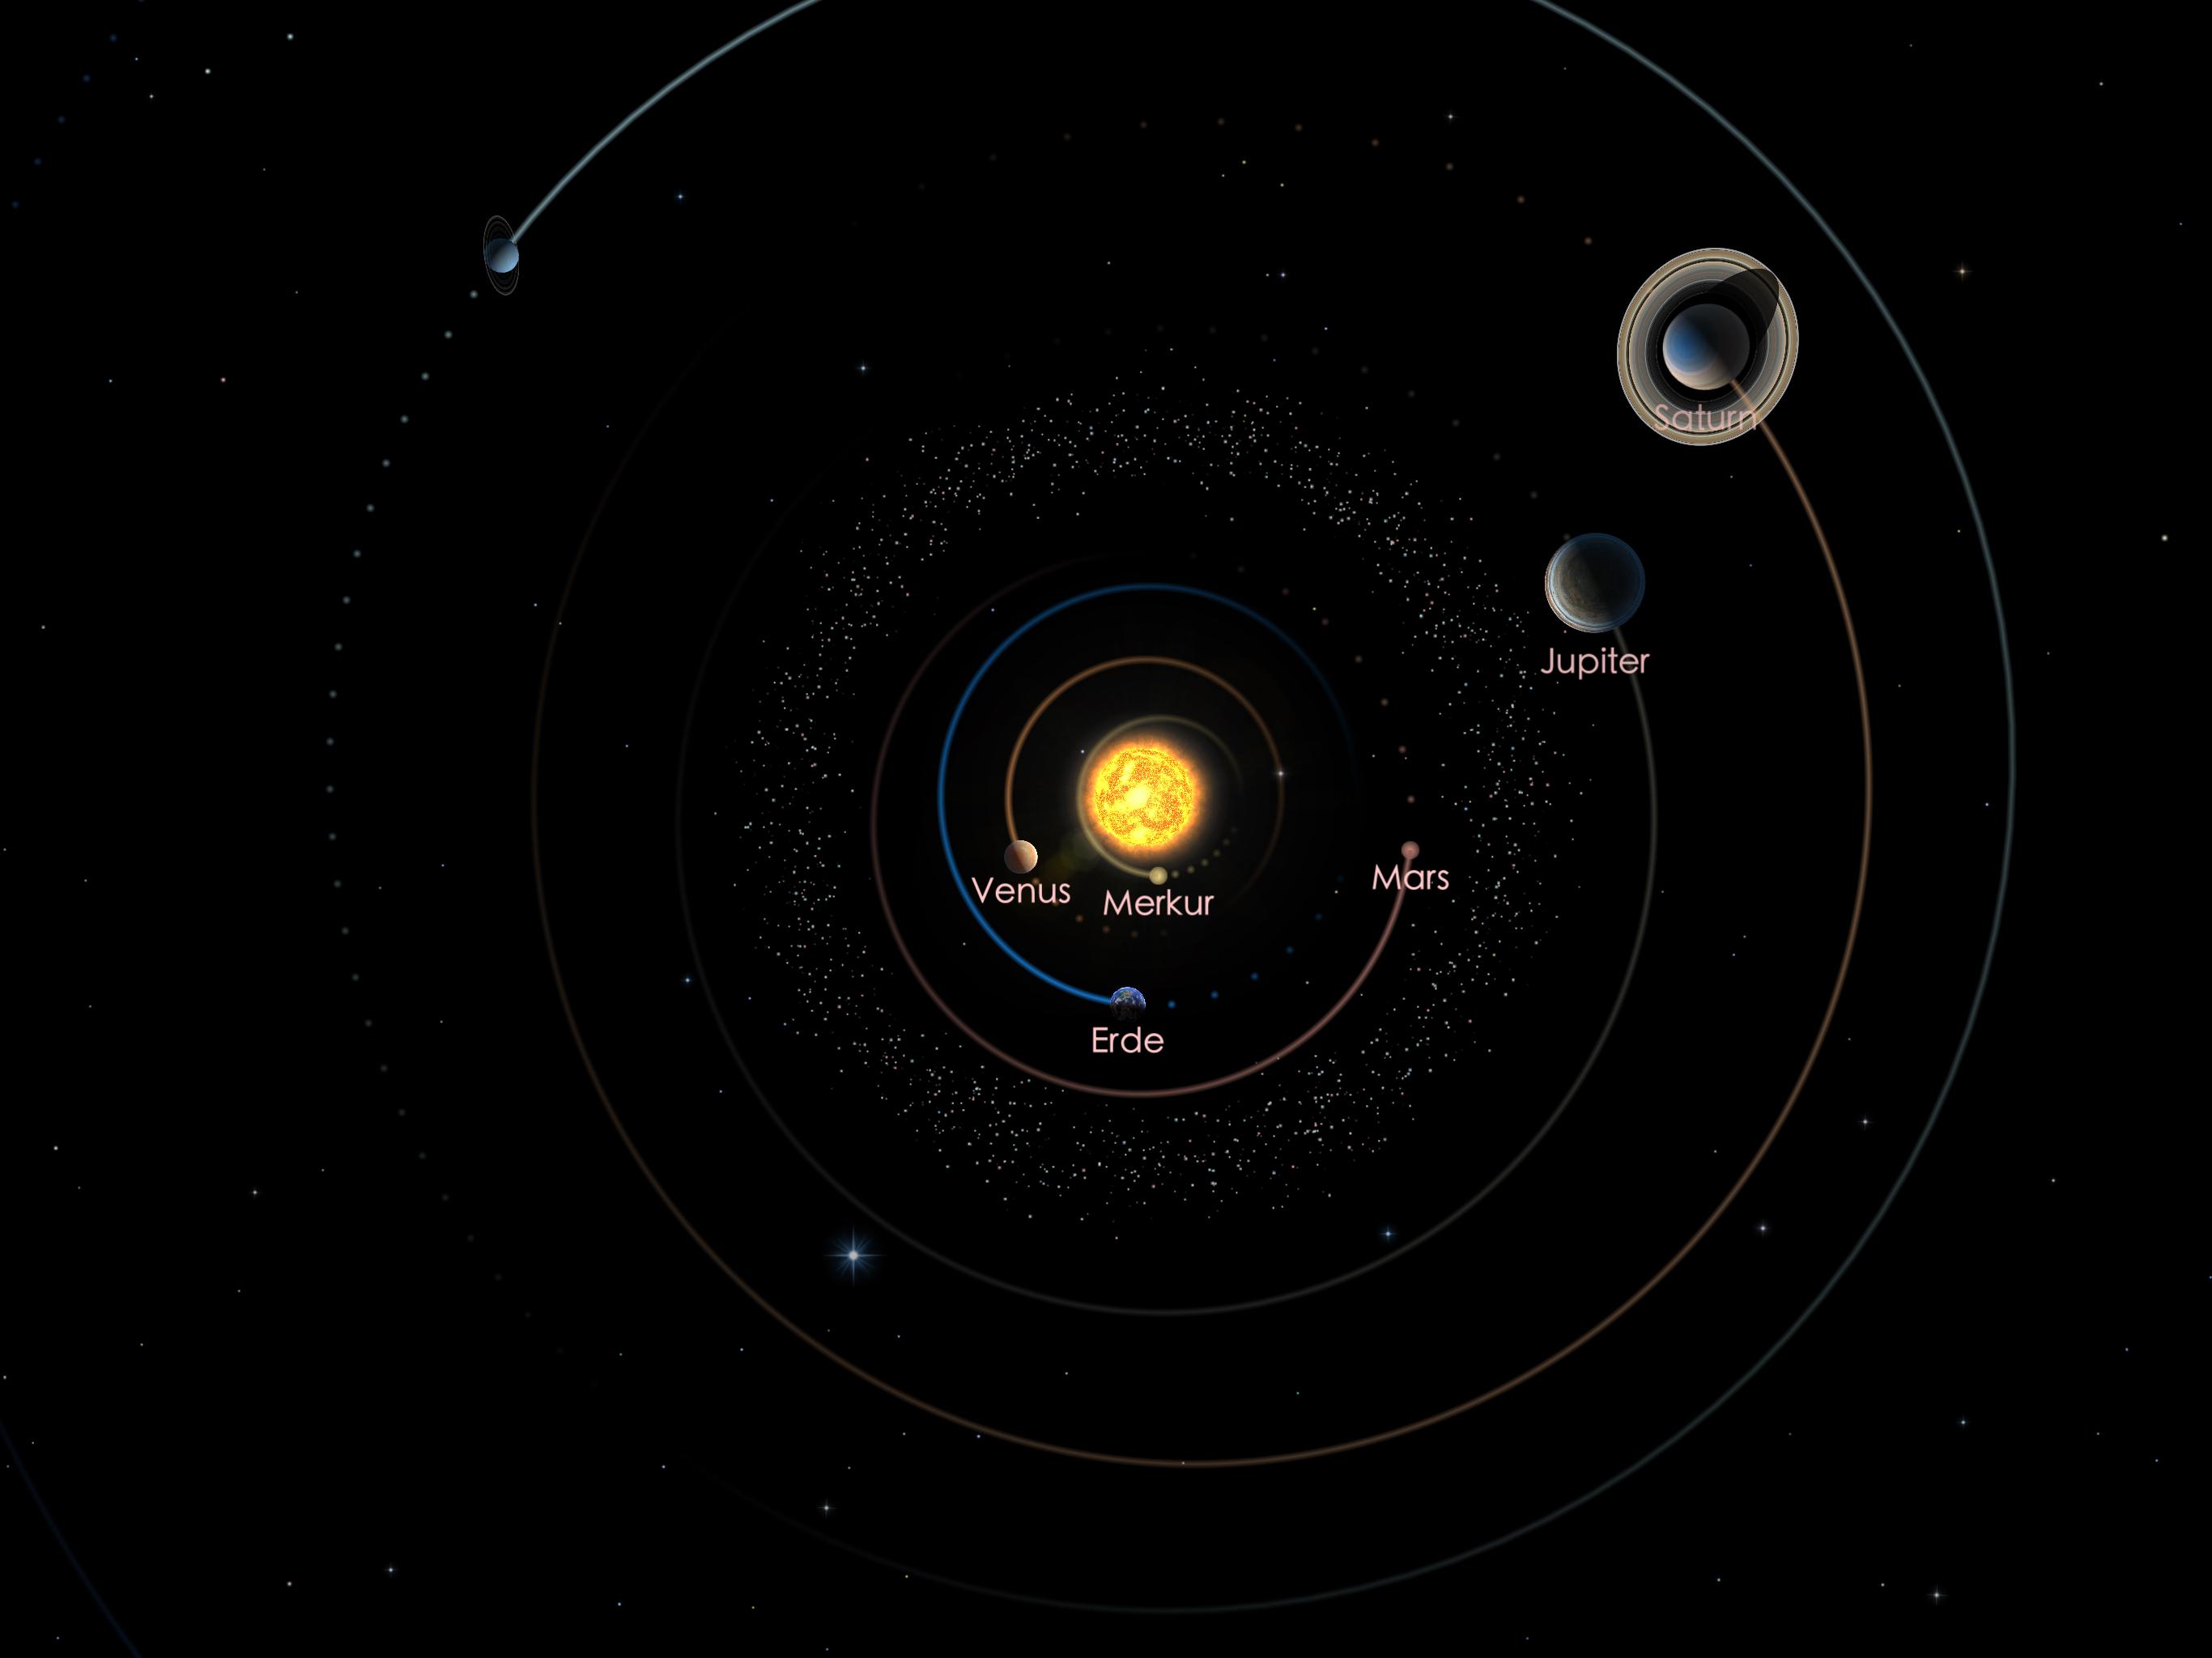 Die Positionen von Jupiter und Saturn am 01.03.20